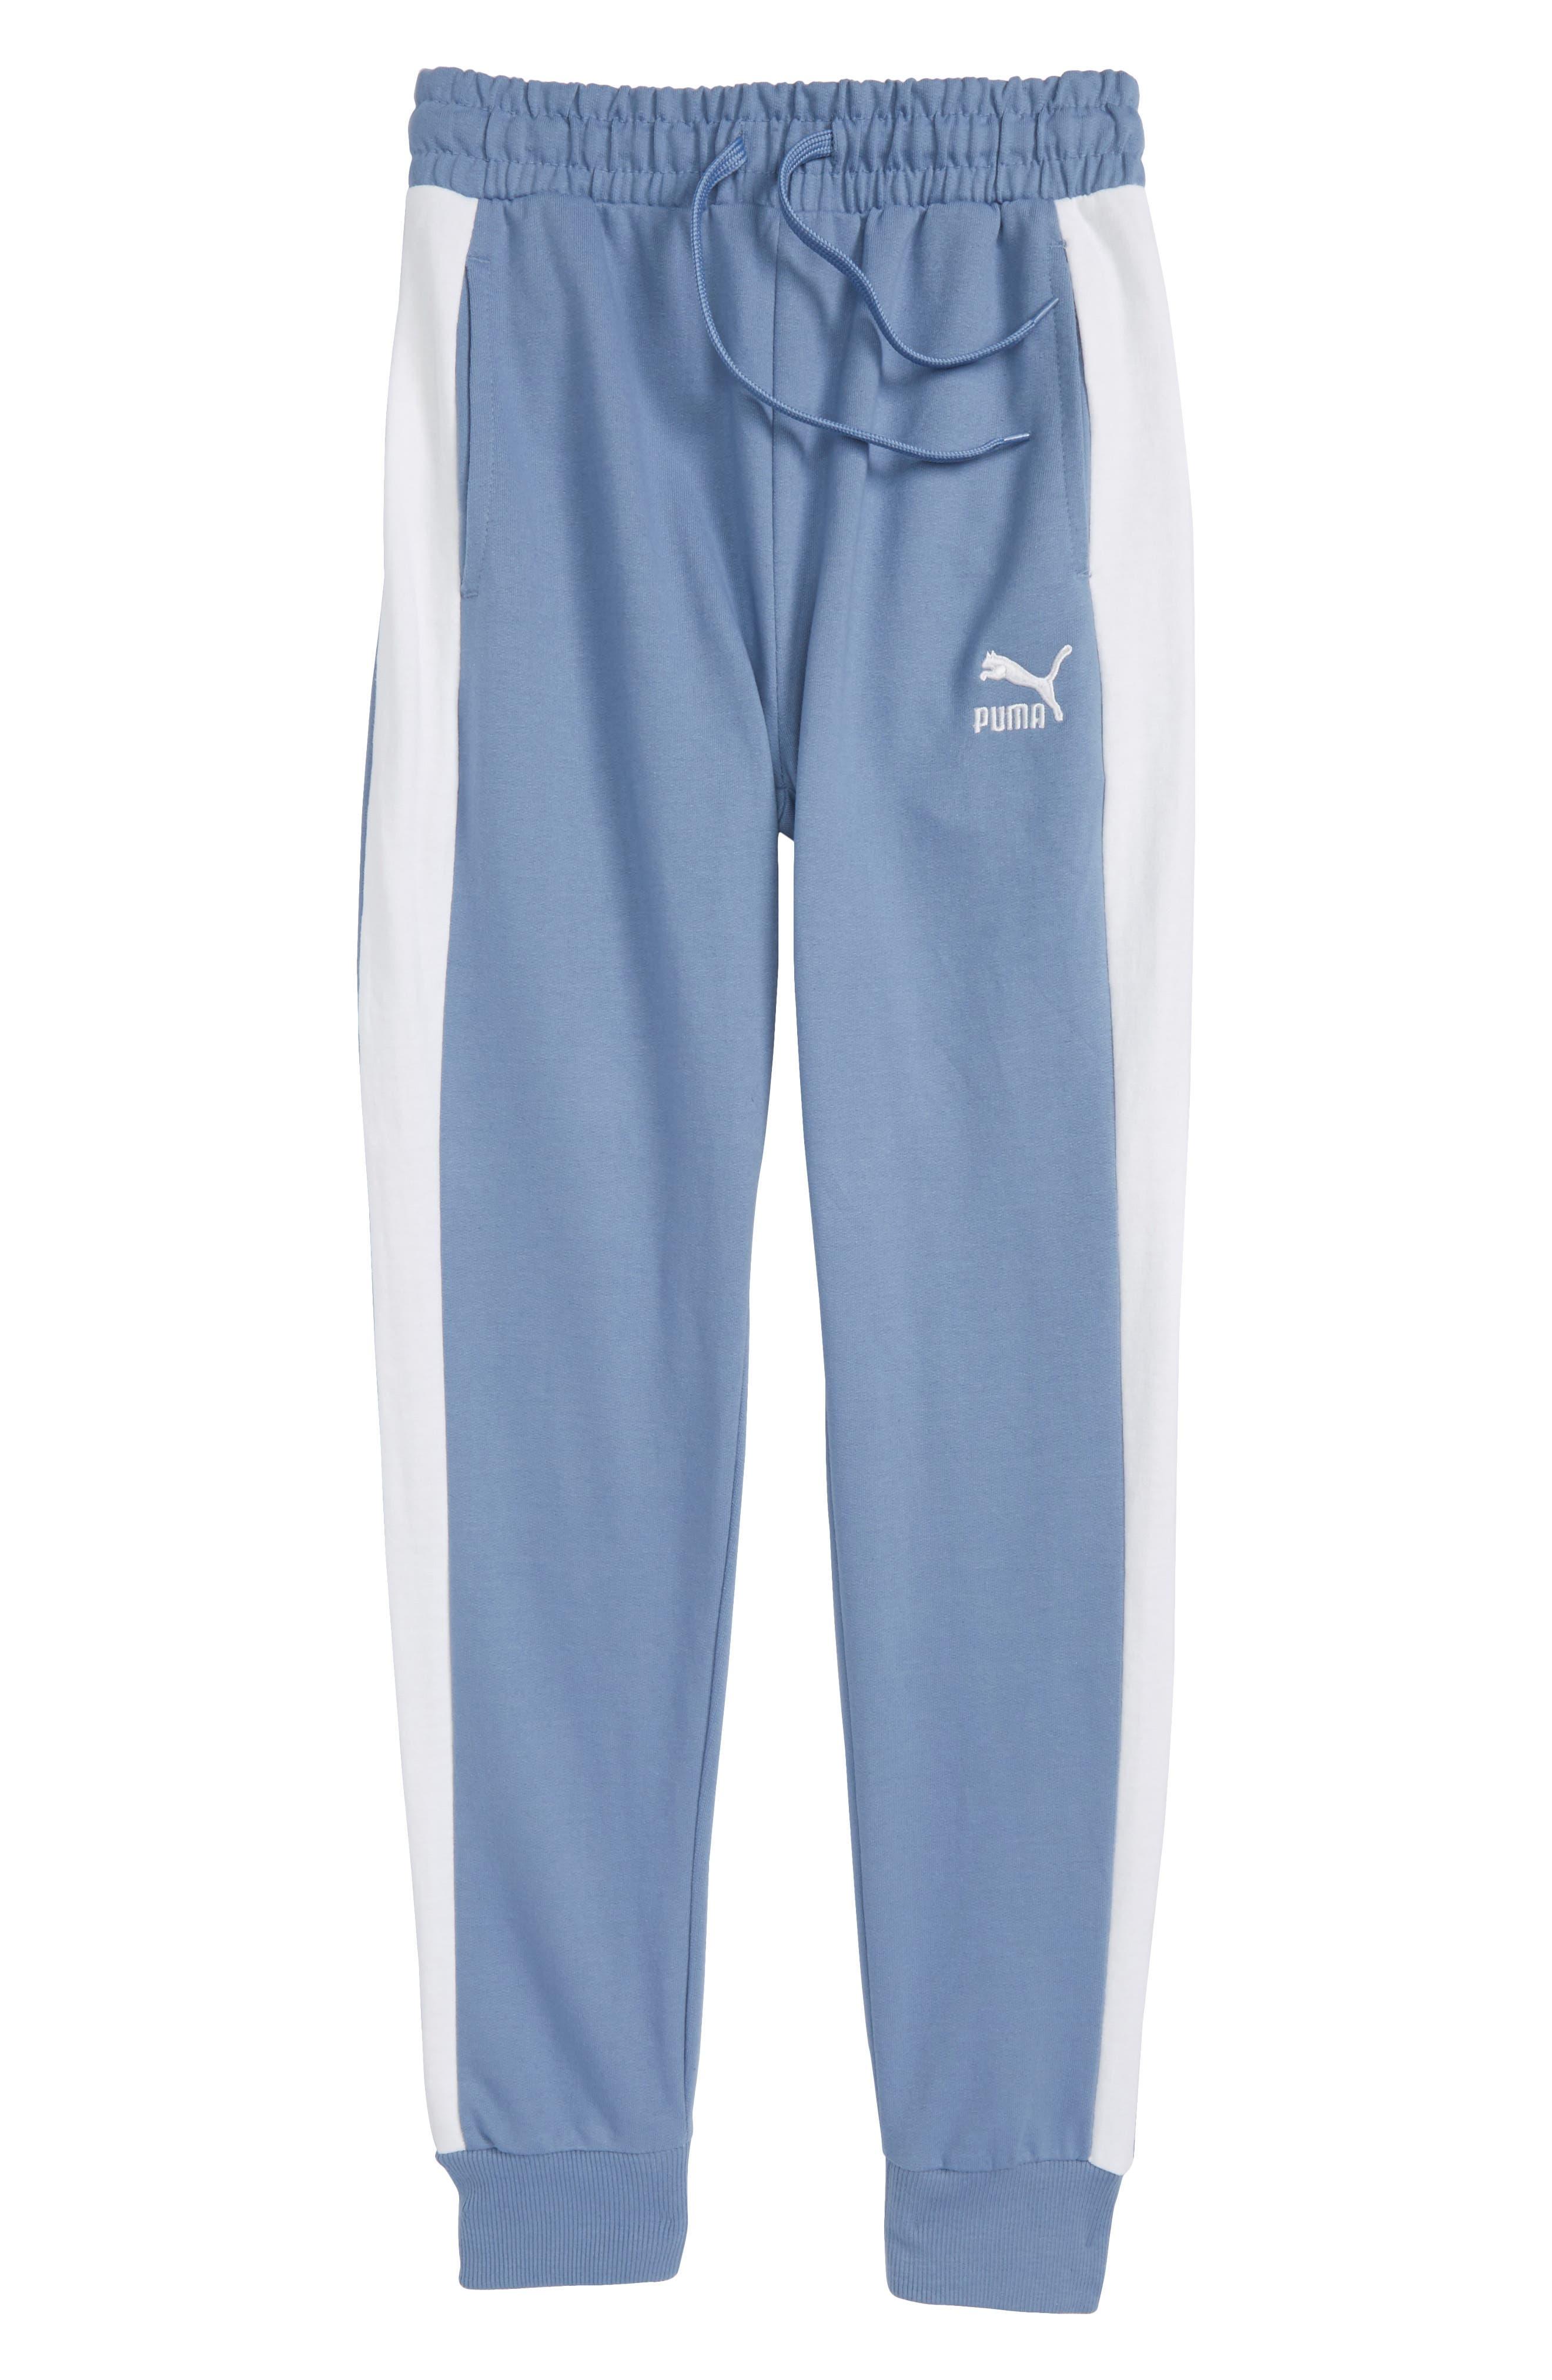 Archive T7 Sweatpants,                         Main,                         color, 407